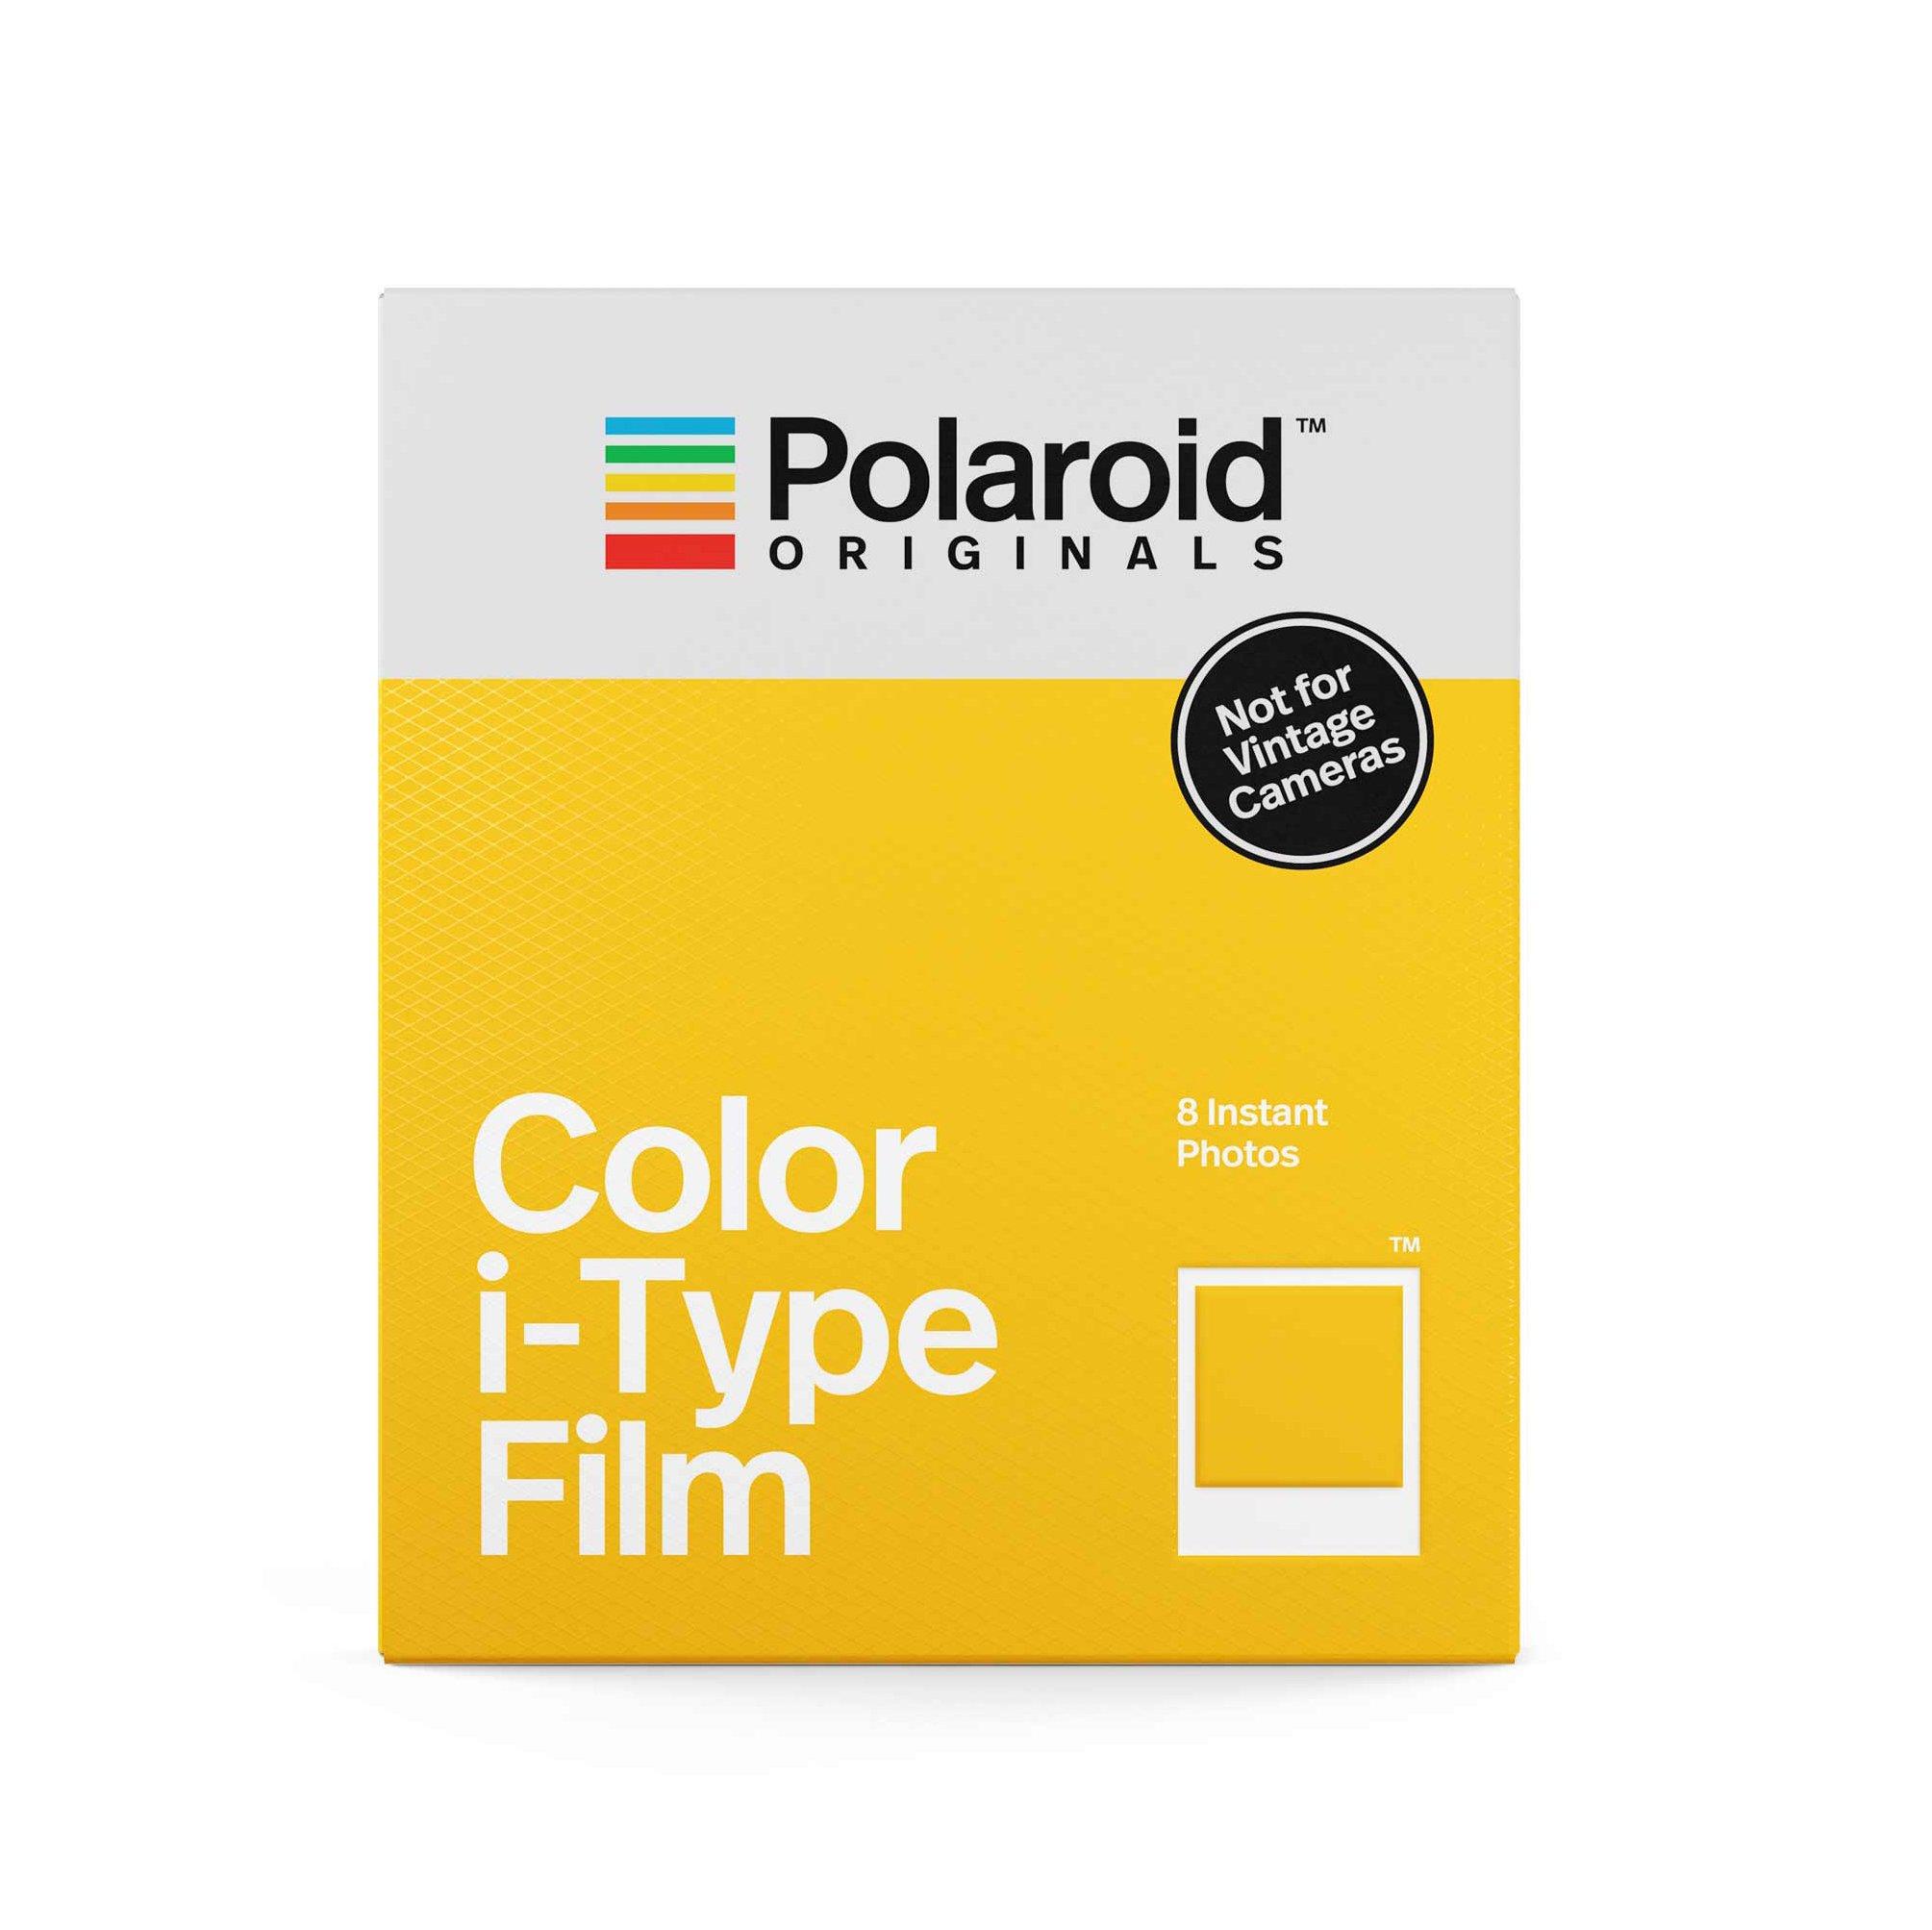 Polaroid Originals Instant Film Color Film for I-TYPE, White (4668) by Polaroid Originals